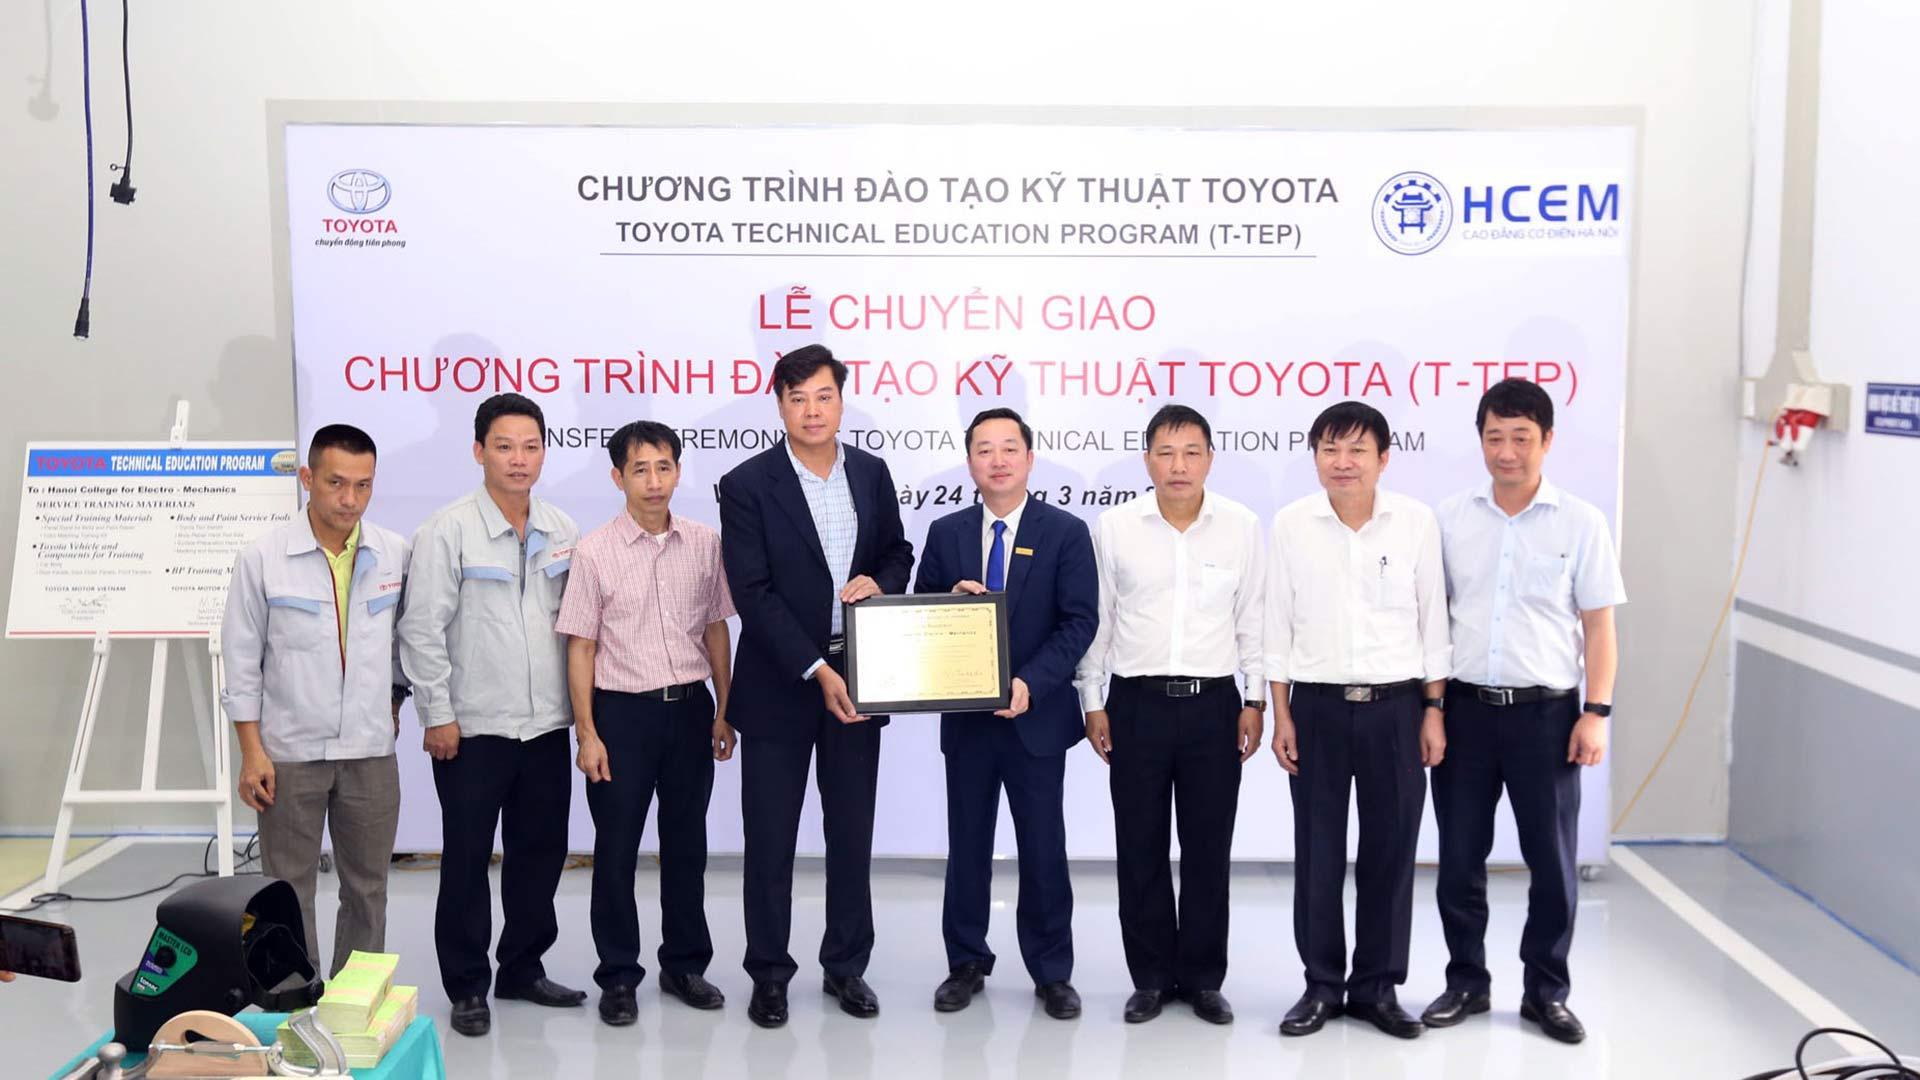 Toyota Việt Nam tiếp tục mở rộng Chương trình Đào tạo Kỹ thuật Toyota